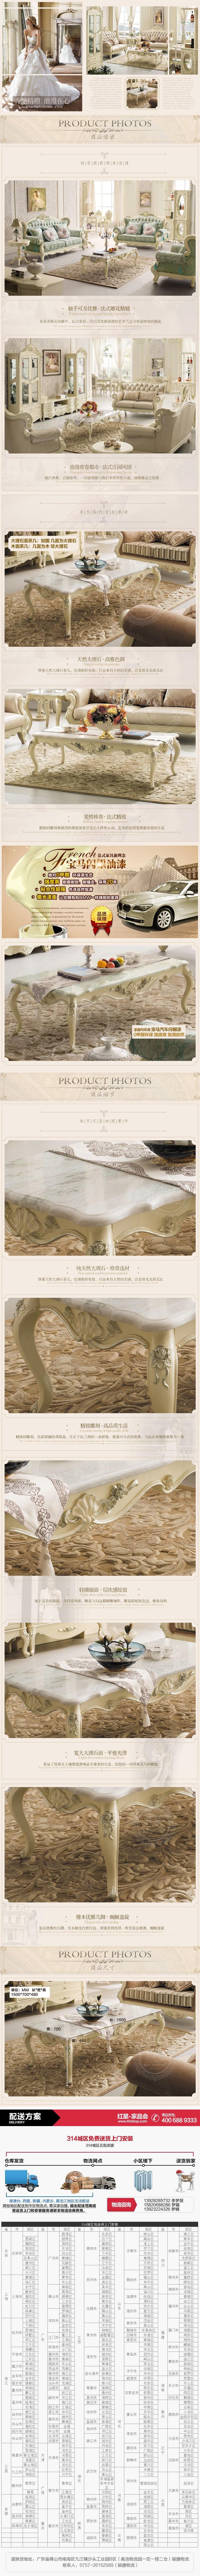 圣乔治-赫菲系列 欧式大理石台面 实木雕花 长茶几 jh662-1